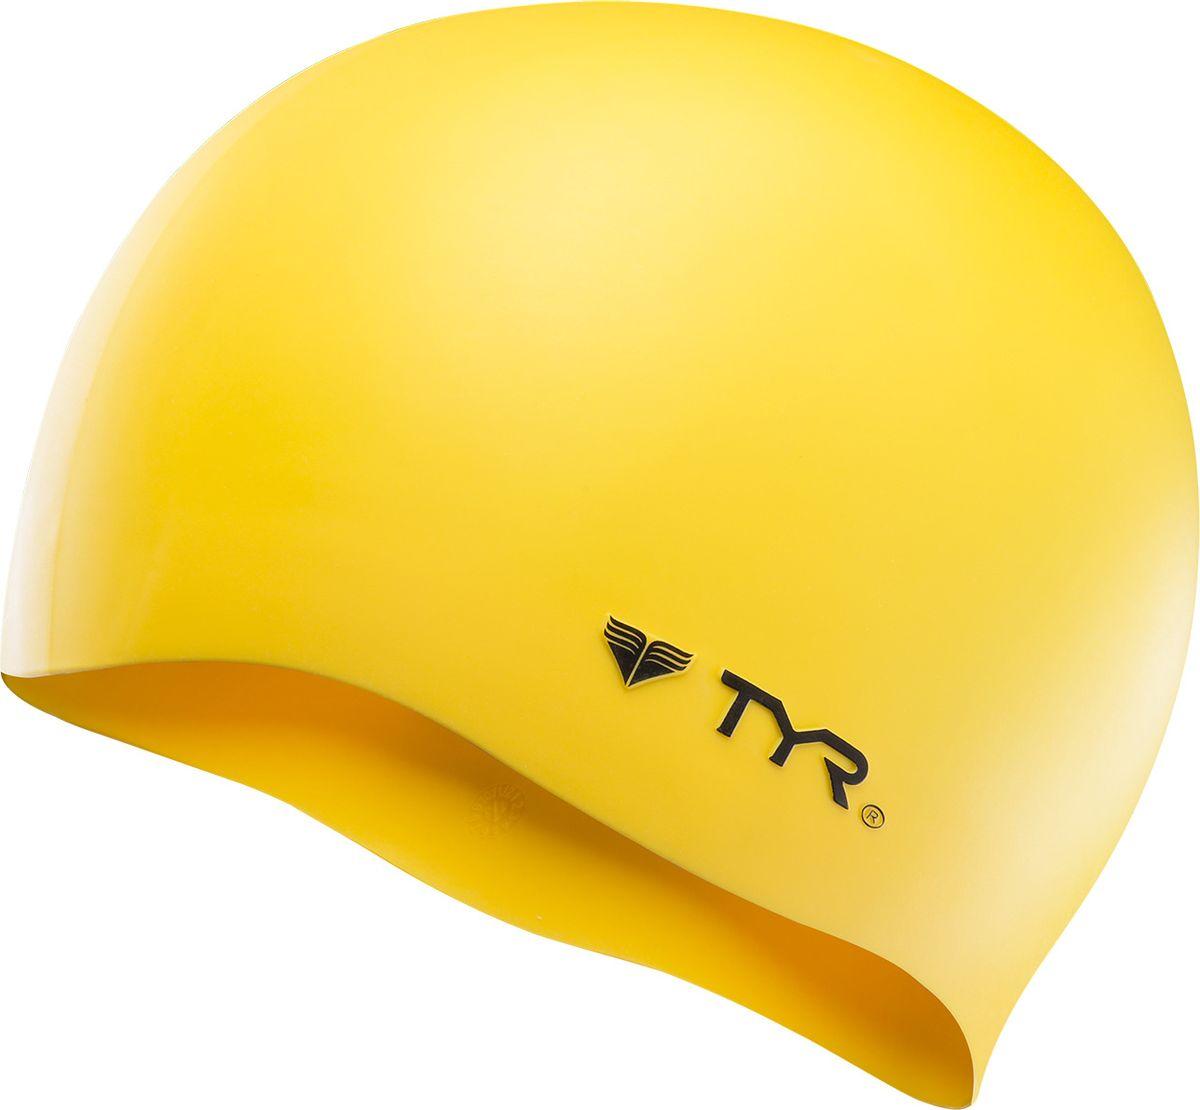 Шапочка плавательная Tyr Wrinkle Free Silicone Cap, цвет: желтый. LCSLCSСиликоновая шапочка TYR Wrinkle Free – изготовлена из высококачественного материала устойчивого к воздействию хлорированной воды, что гарантирует долгий срок службы. Материал шапочки не вызывает раздражения кожи и других аллергических реакций. Прекрасный вариант для тренировок в бассейне.